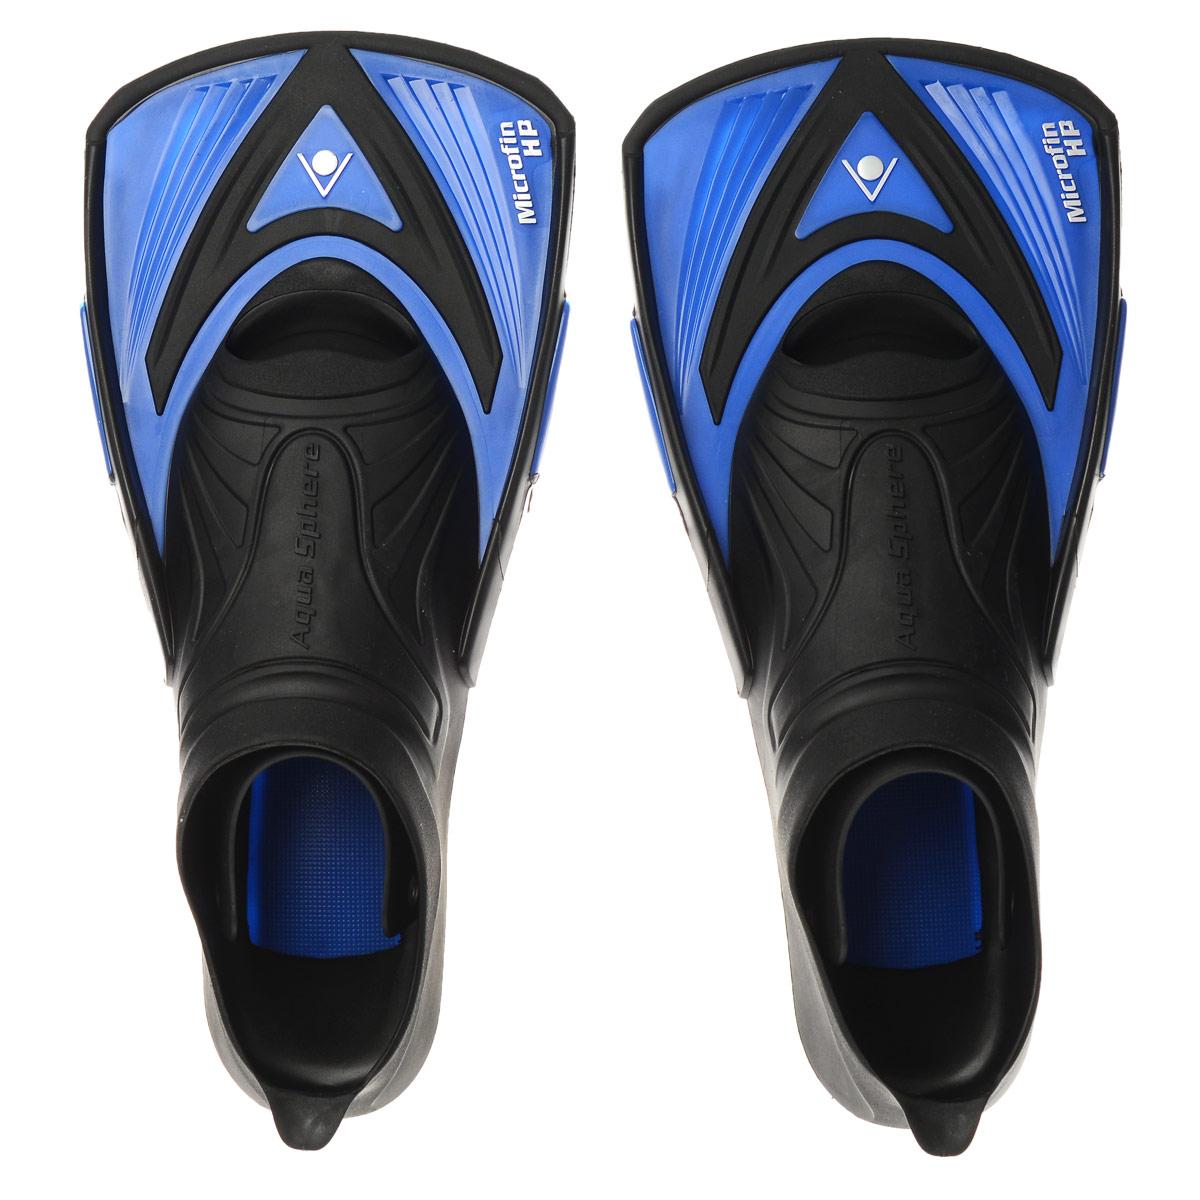 Ласты тренировочные Aqua Sphere Microfin HP, цвет: синий, черный. Размер 36/3710005089Aqua Sphere Microfin HP - это ласты для энергичной манеры плавания, предназначенные для серьезных спортивных тренировок. Уникальный дизайн ласт обеспечивает достаточное сопротивление воды для силовых тренировок и поддерживает ноги близко к поверхности воды - таким образом, пловец занимает правильное положение, гарантирующее максимальную обтекаемость. Особенности:Галоша с закрытой пяткой выполнена из прочного термопластика.Короткие лопасти удерживают ноги пловца близко к поверхности воды.Позволяют развивать силу мышц и поддерживать их в тонусе, одновременно совершенствуя технику плавания.